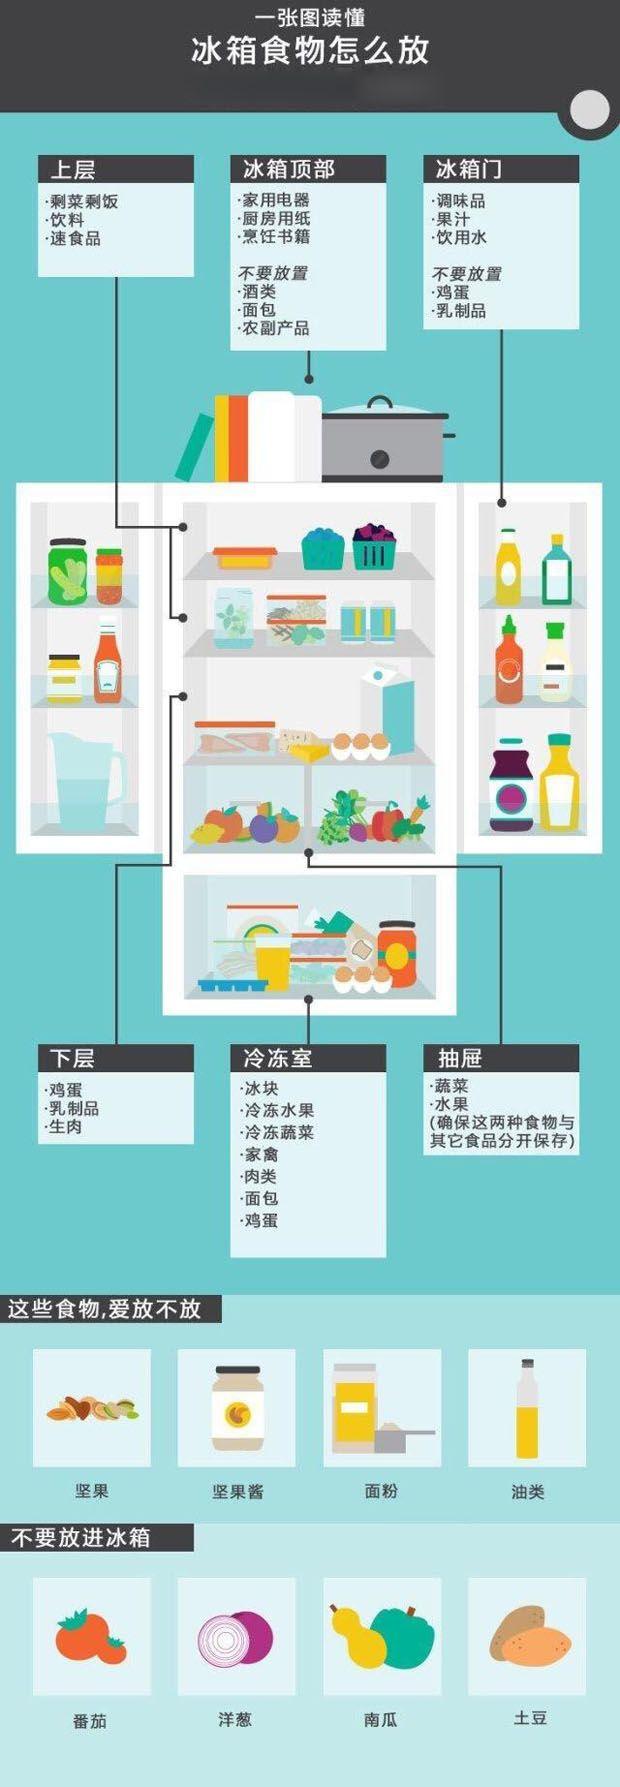 这么多年居然不会用冰箱 其实就差这两种图